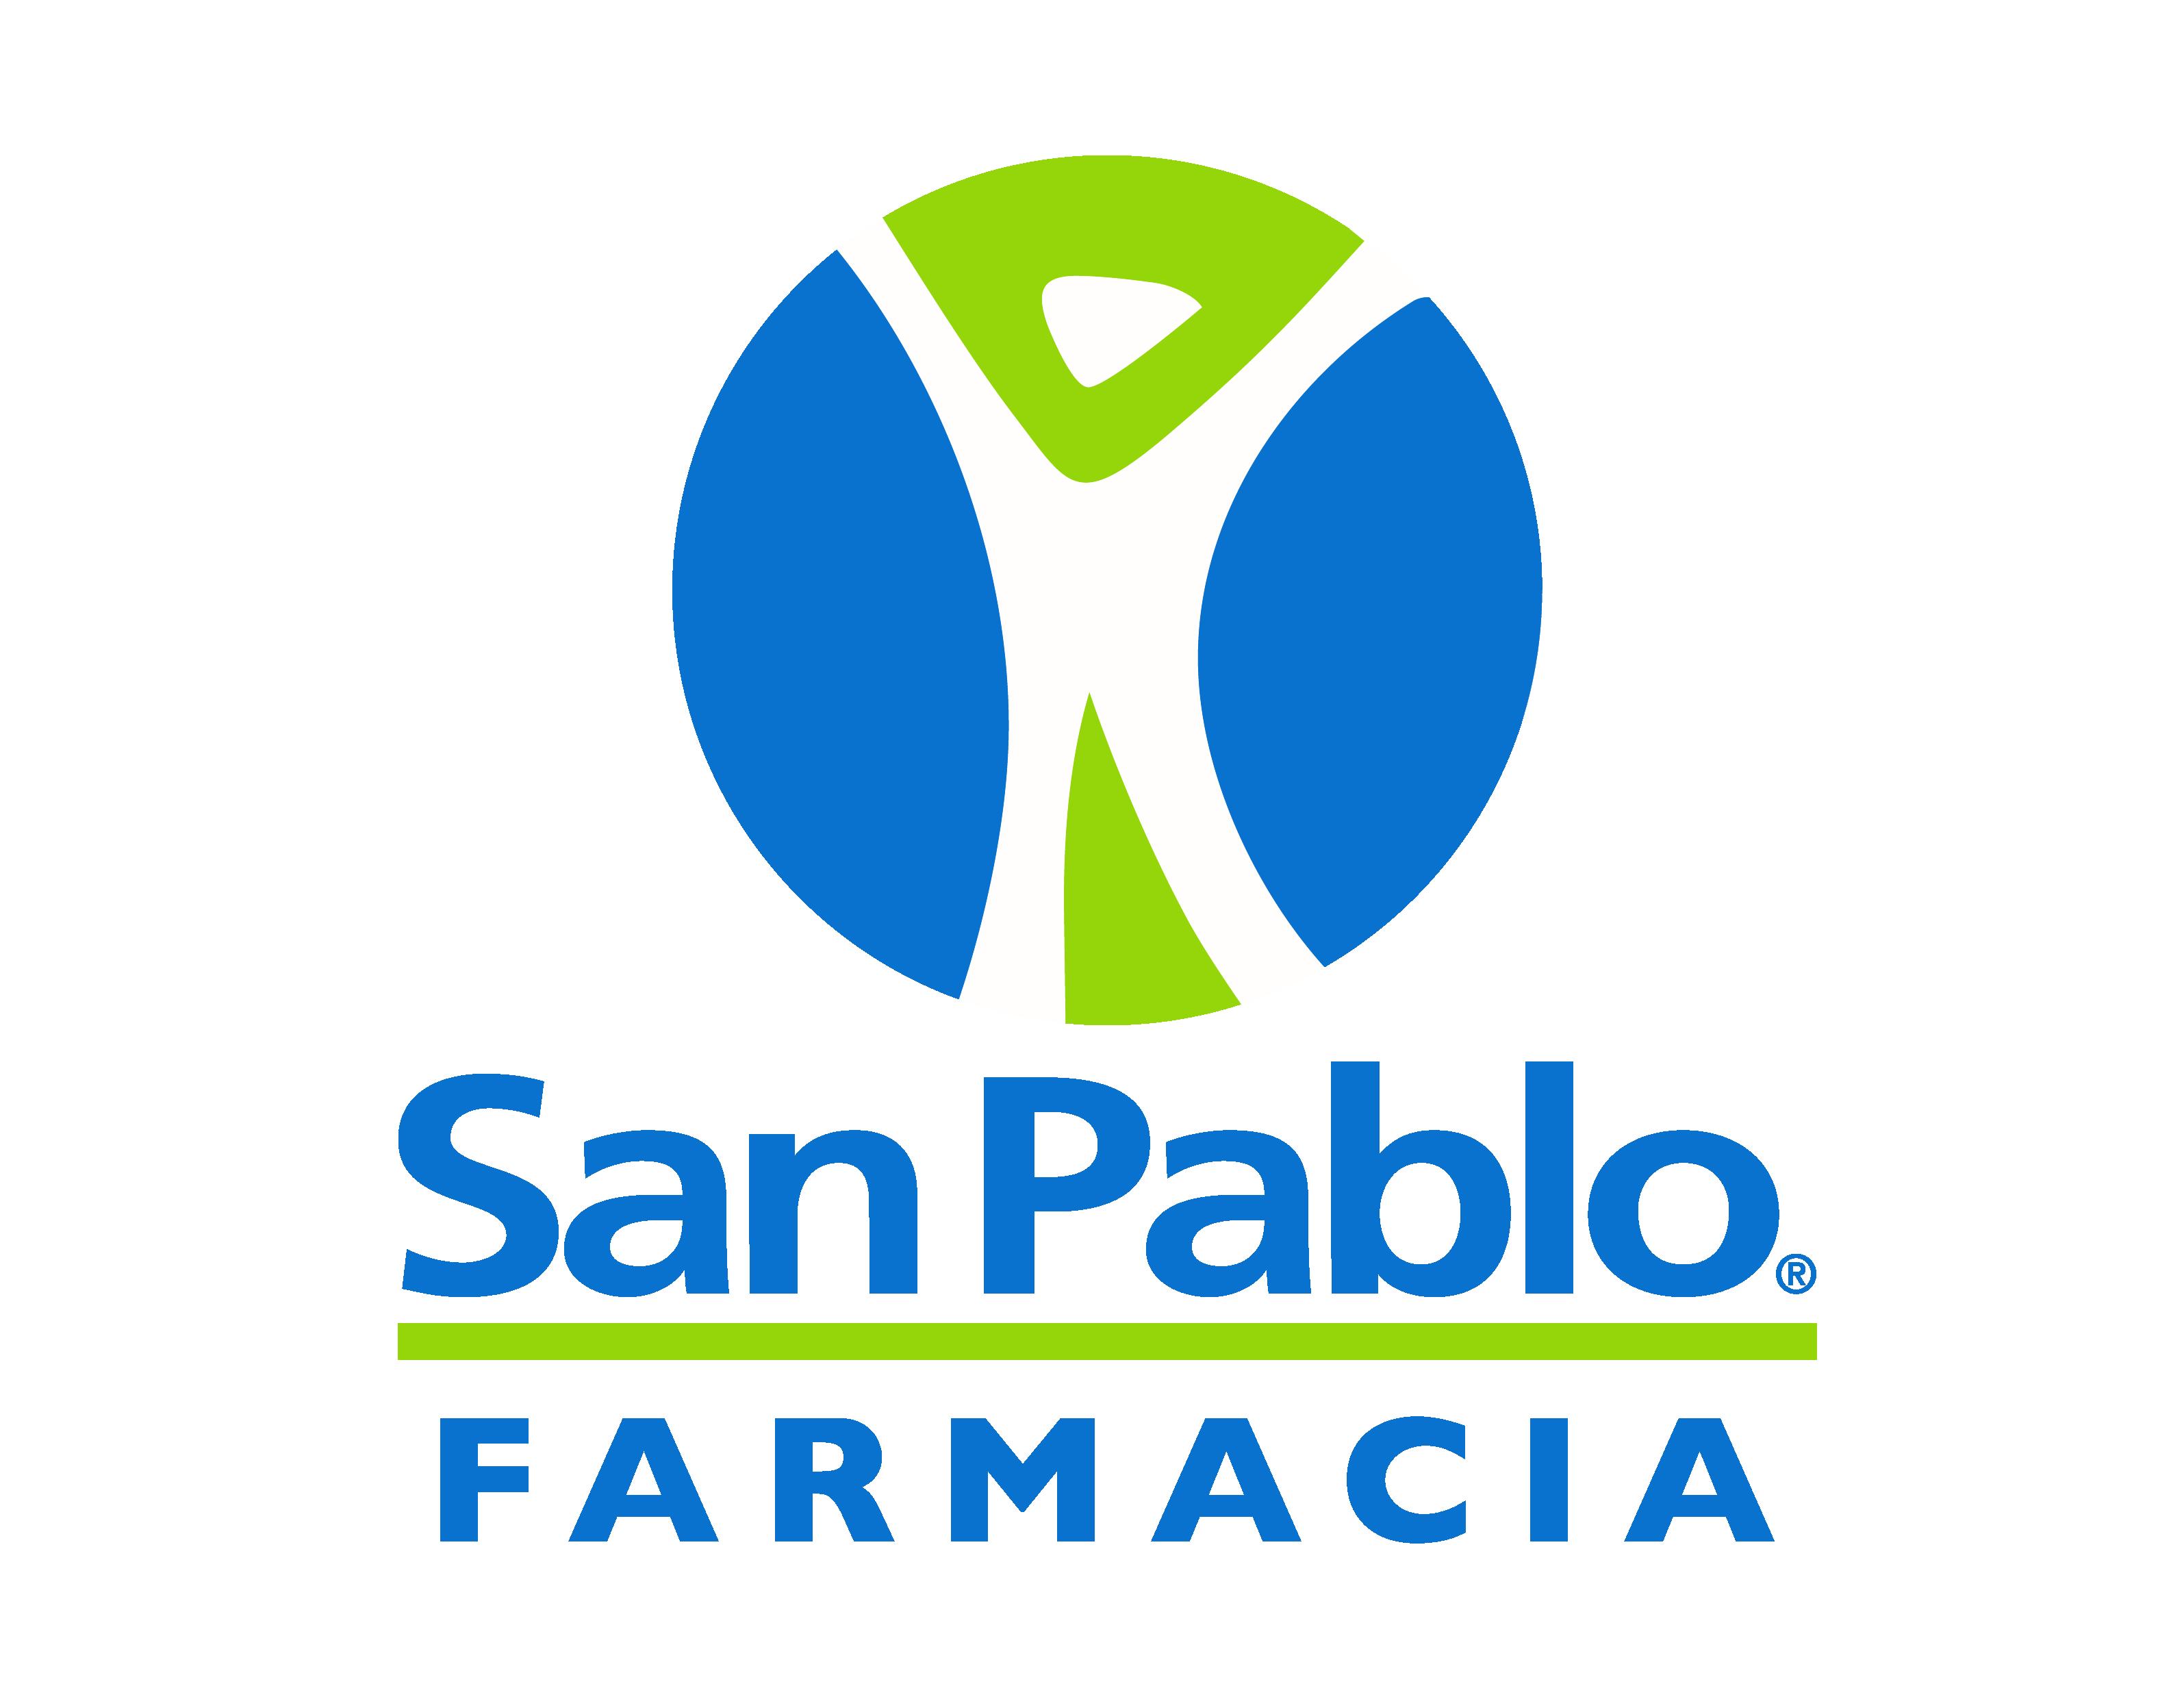 www.farmaciasanpablo.com.mx